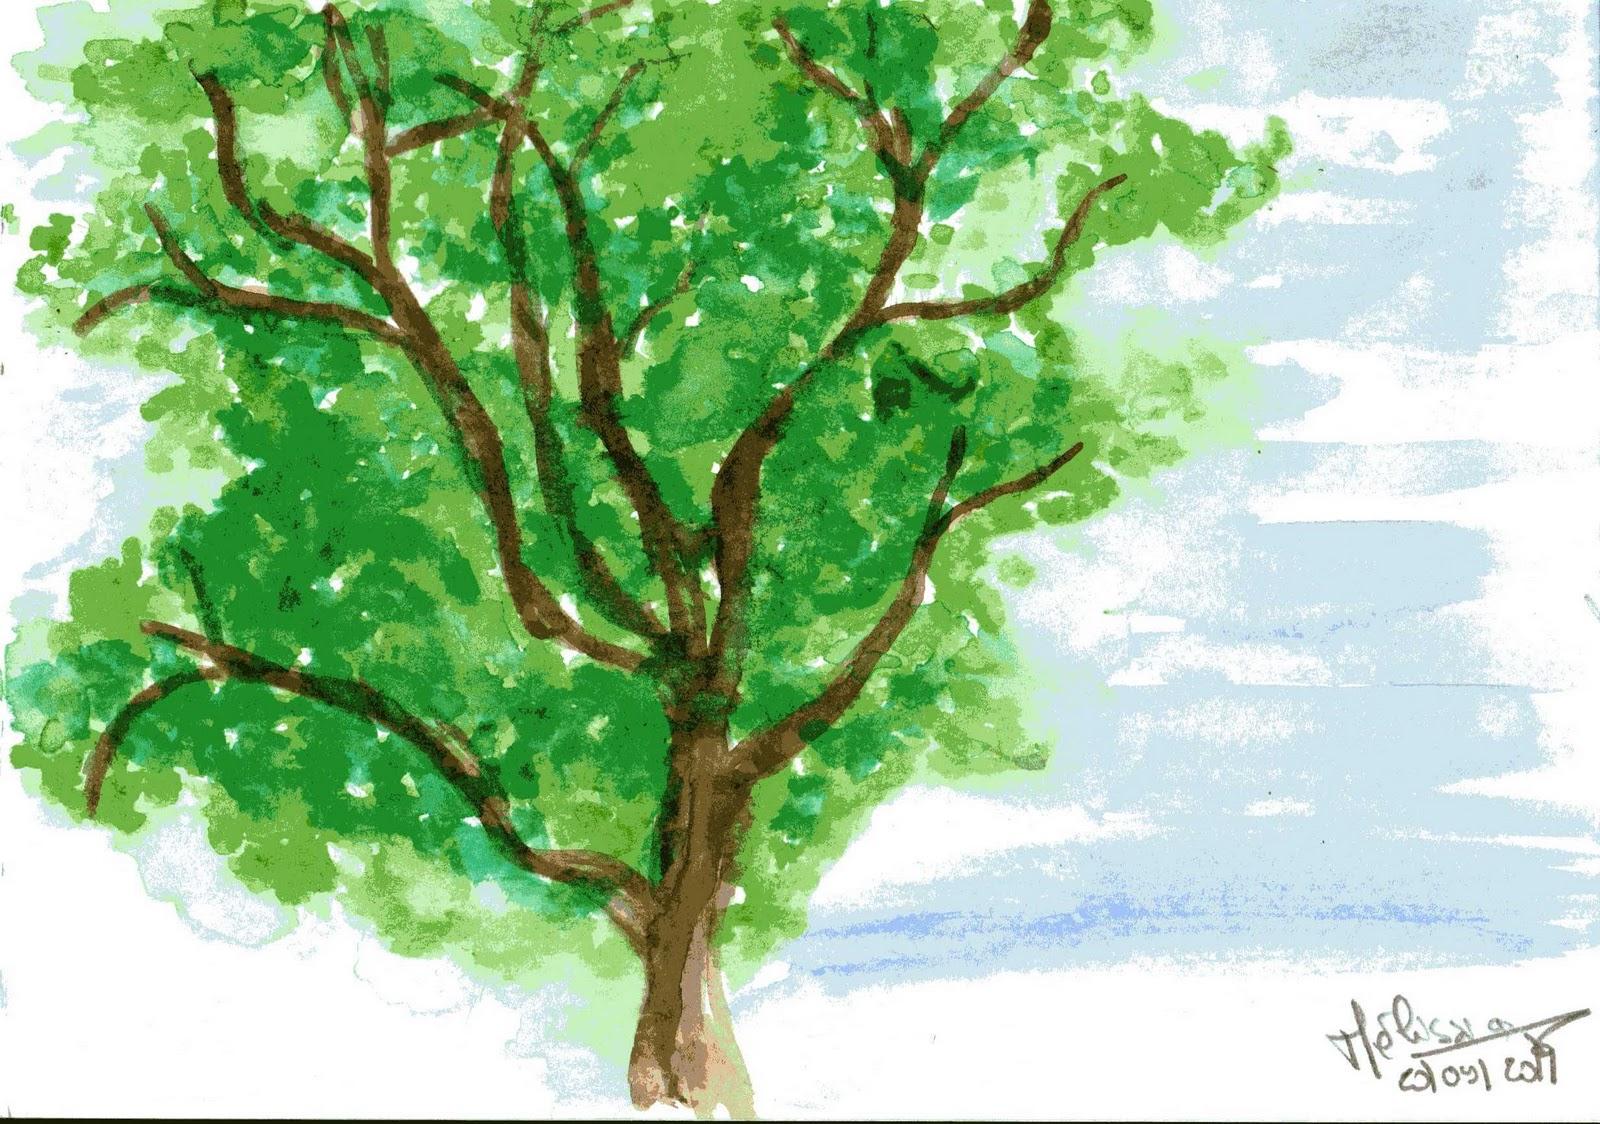 M lissia 39 s art un croquis parmi tant d 39 autres un arbre - Croquis arbre ...